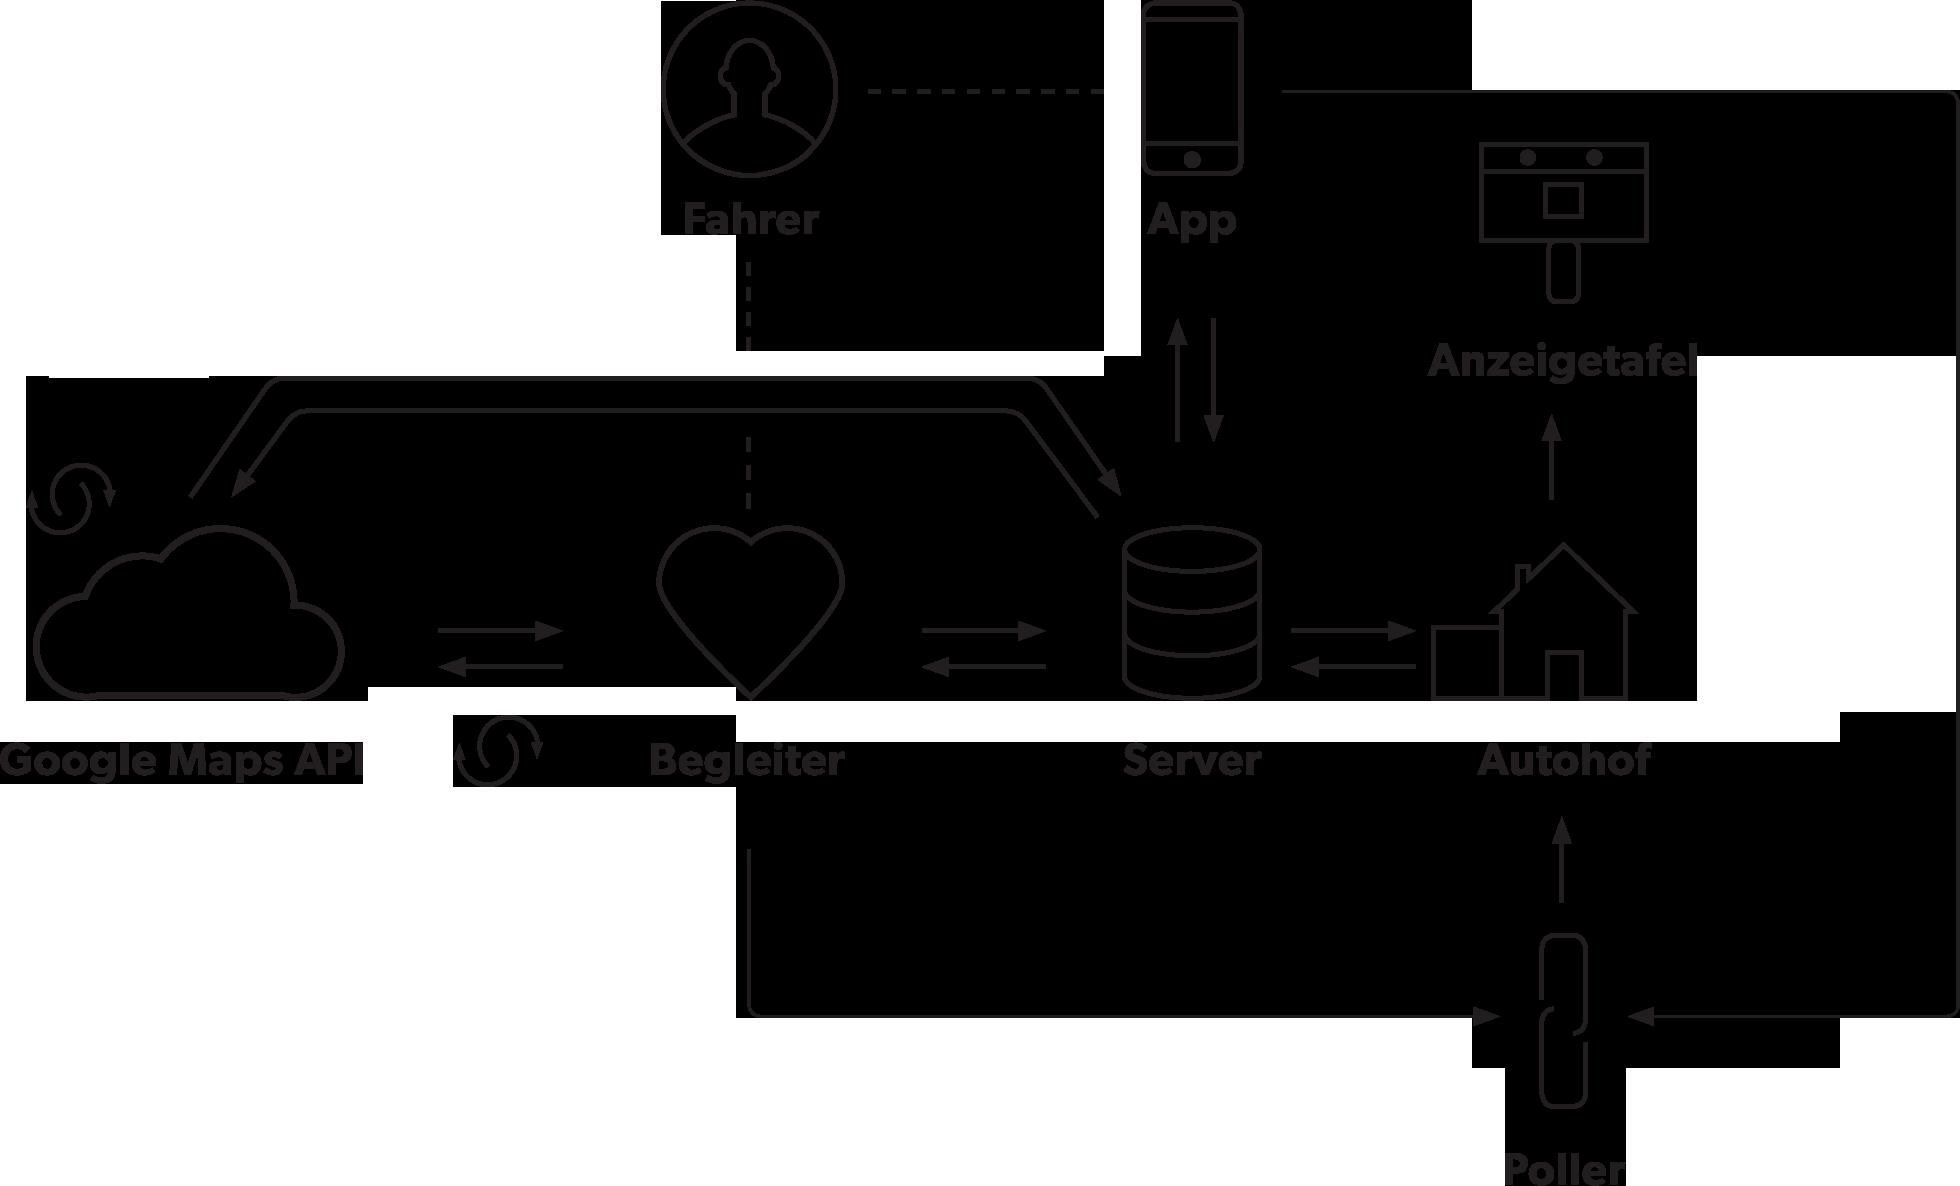 Das Diagramm zeigt das Zusammenspiel der Akteure (Fahrer/Autohof-Betreiber) und Komponenten (Poller, Anzeigetafeln auf dem Autohof, App auf dem Handy und Begleiter im Cockpit des Fahrers, sowie die Datenströme.